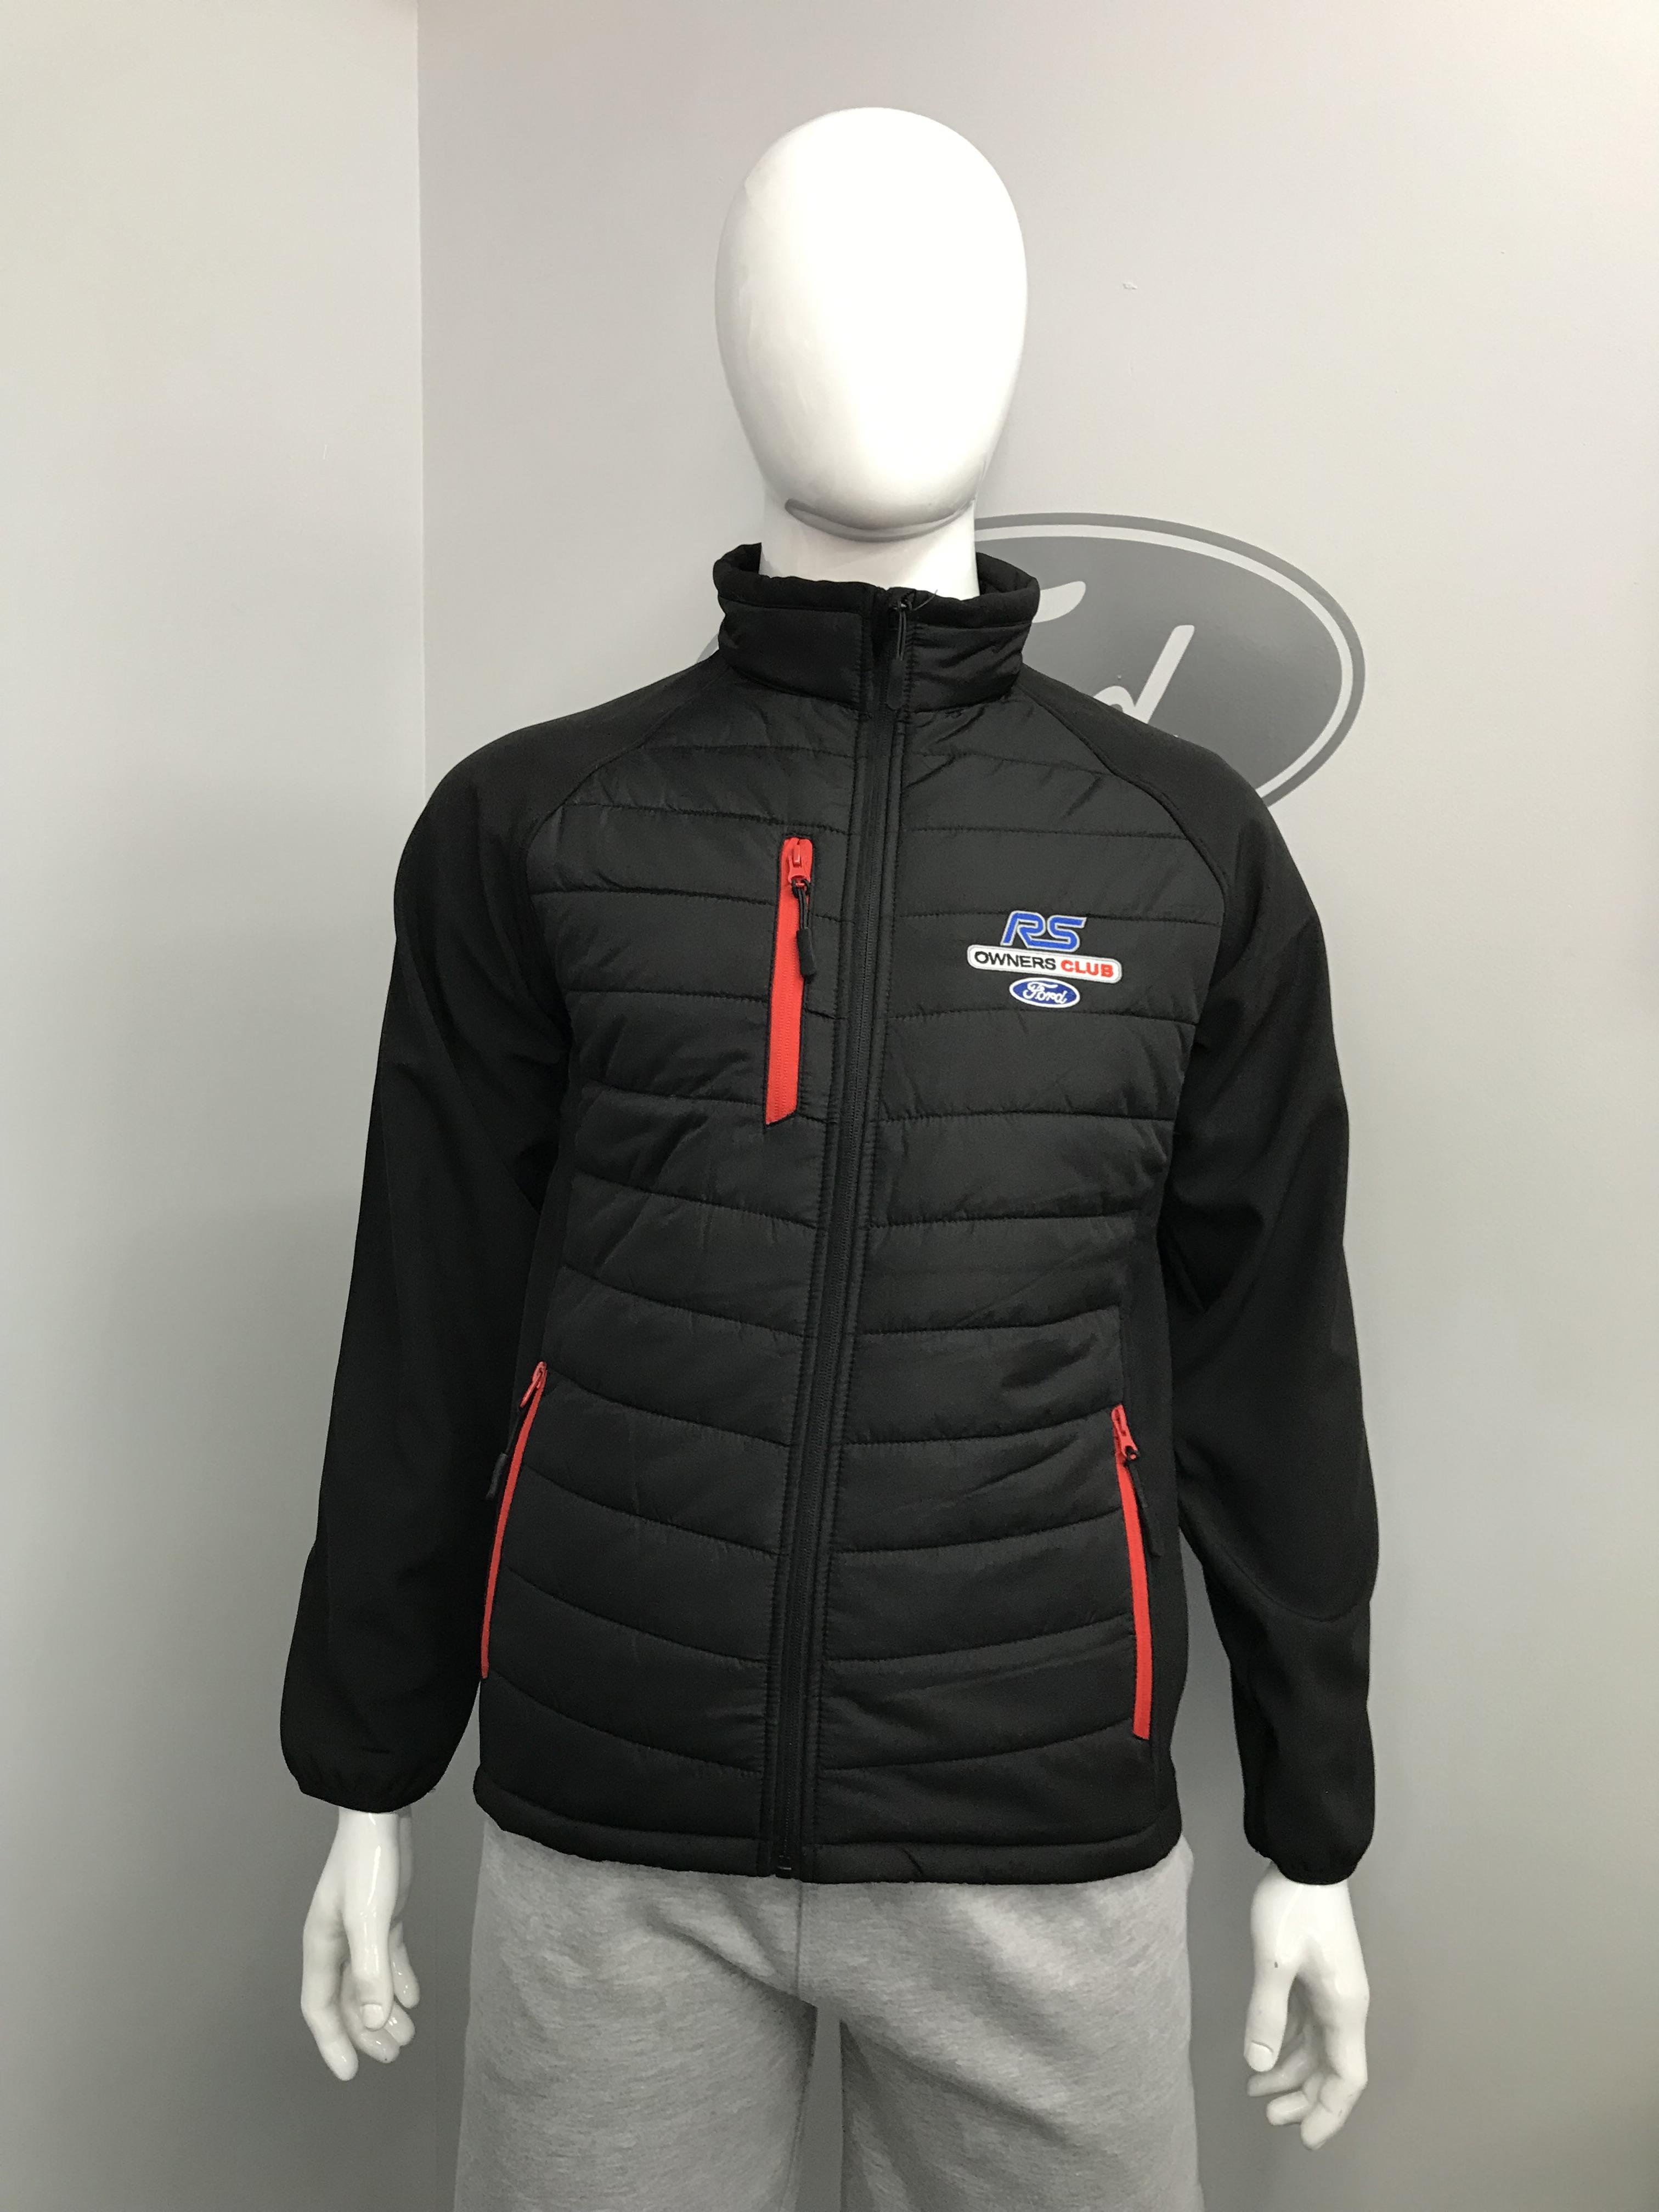 RSOC Padded Jacket